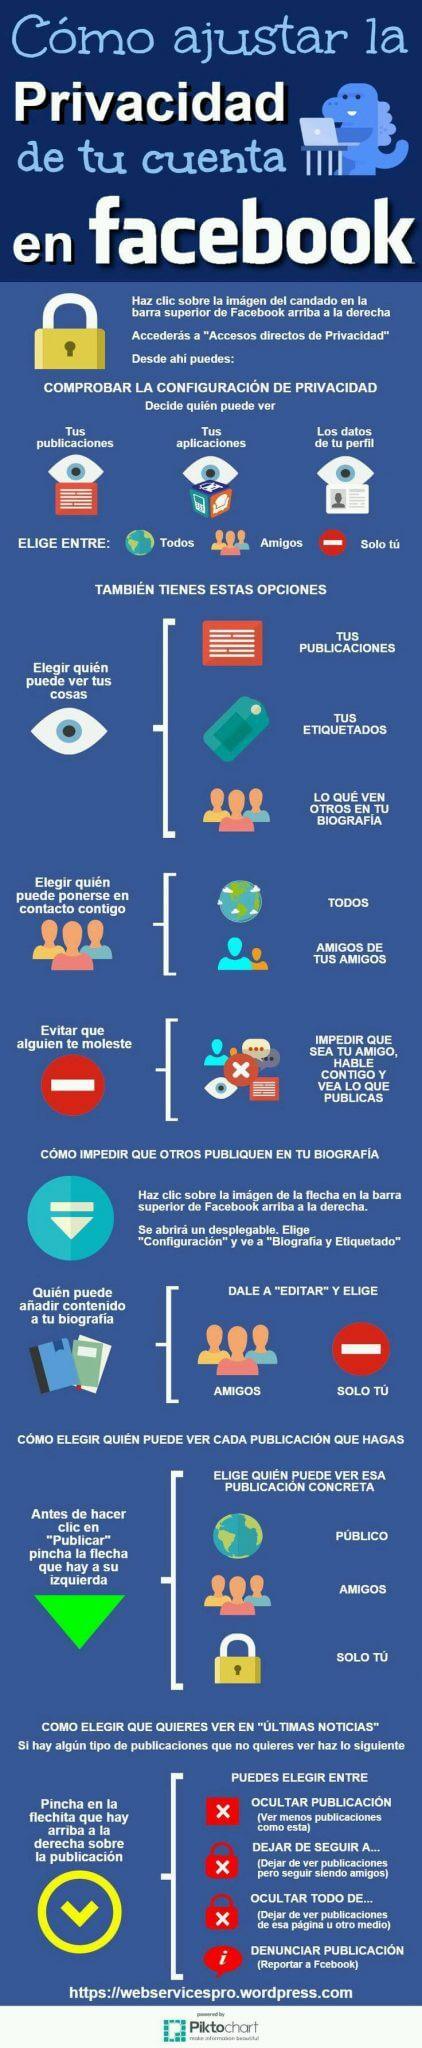 privacidad de tu cuenta de Facebook